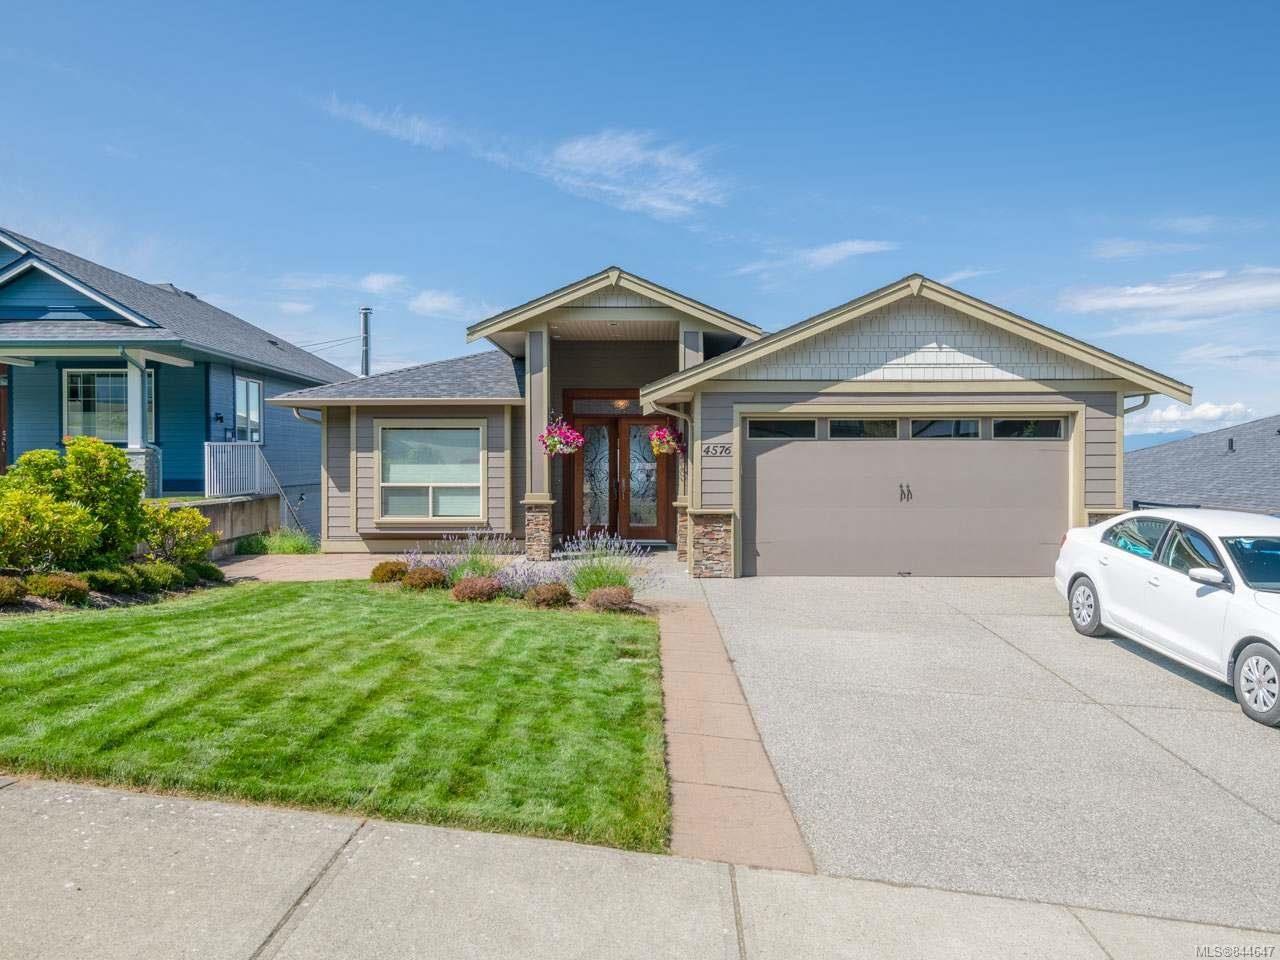 Photo 48: Photos: 4576 Laguna Way in NANAIMO: Na North Nanaimo House for sale (Nanaimo)  : MLS®# 844647